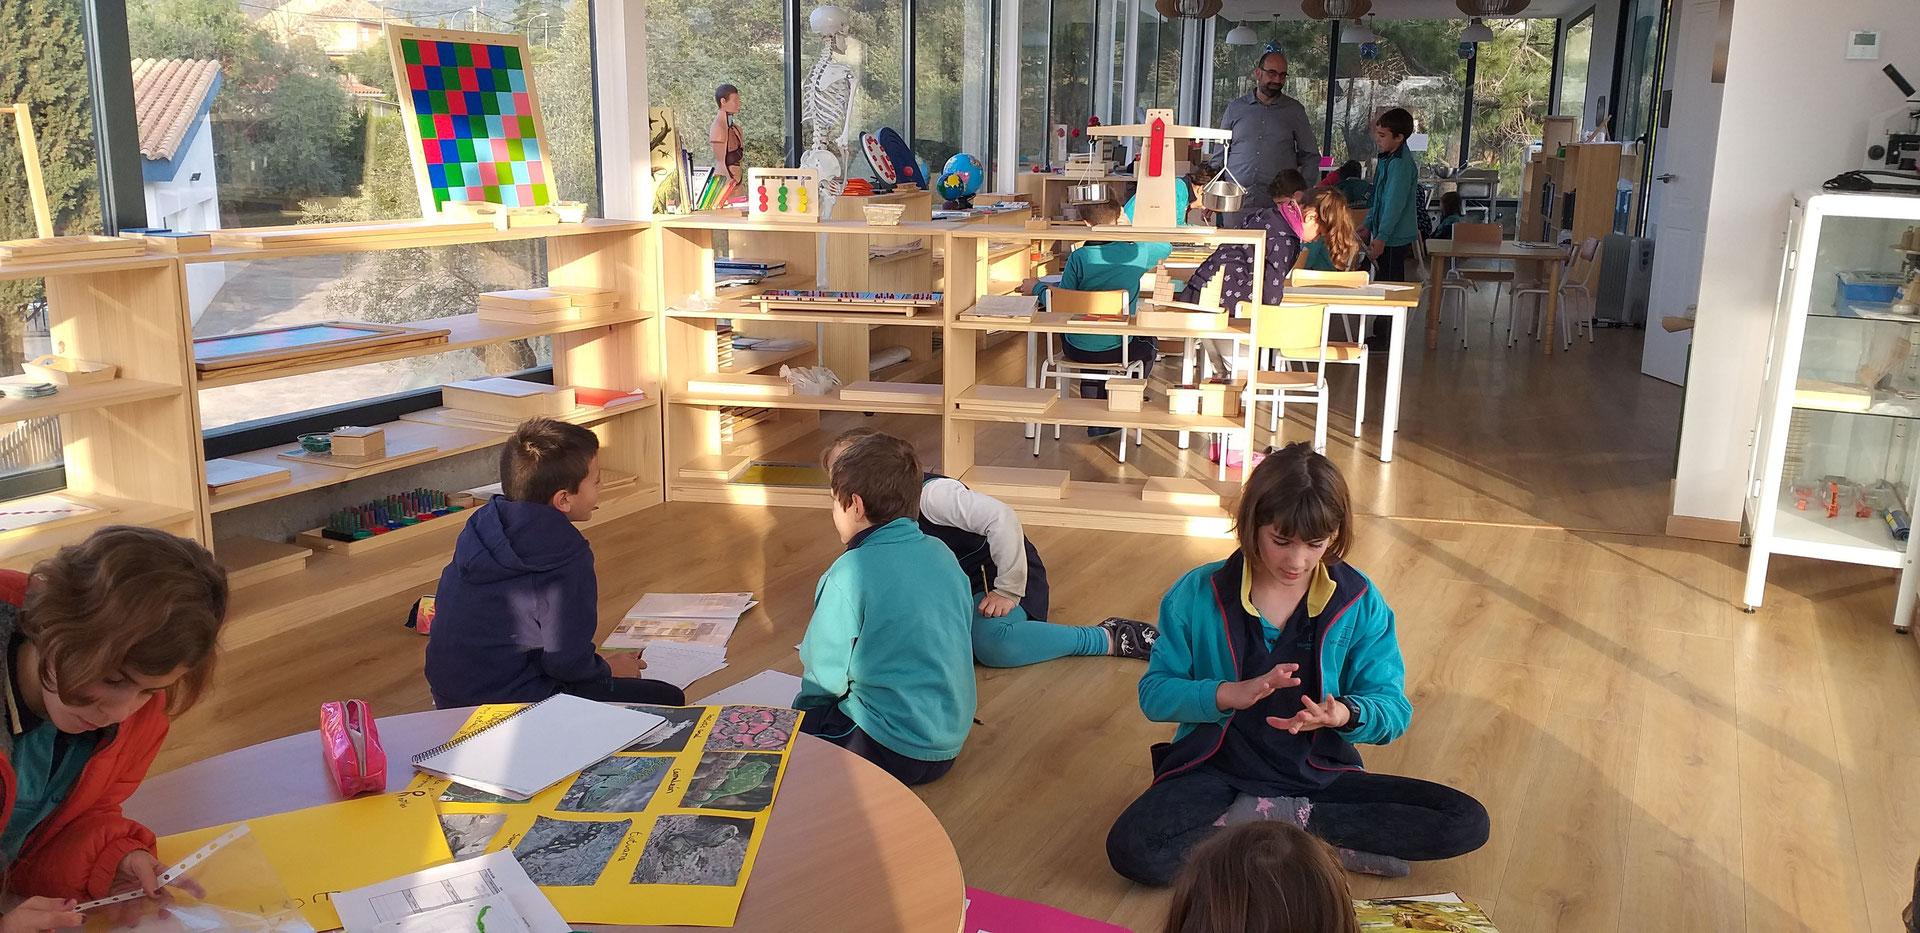 Calendario Montessori.Elementary 6 12 Years International Montessori School Of Cordoba